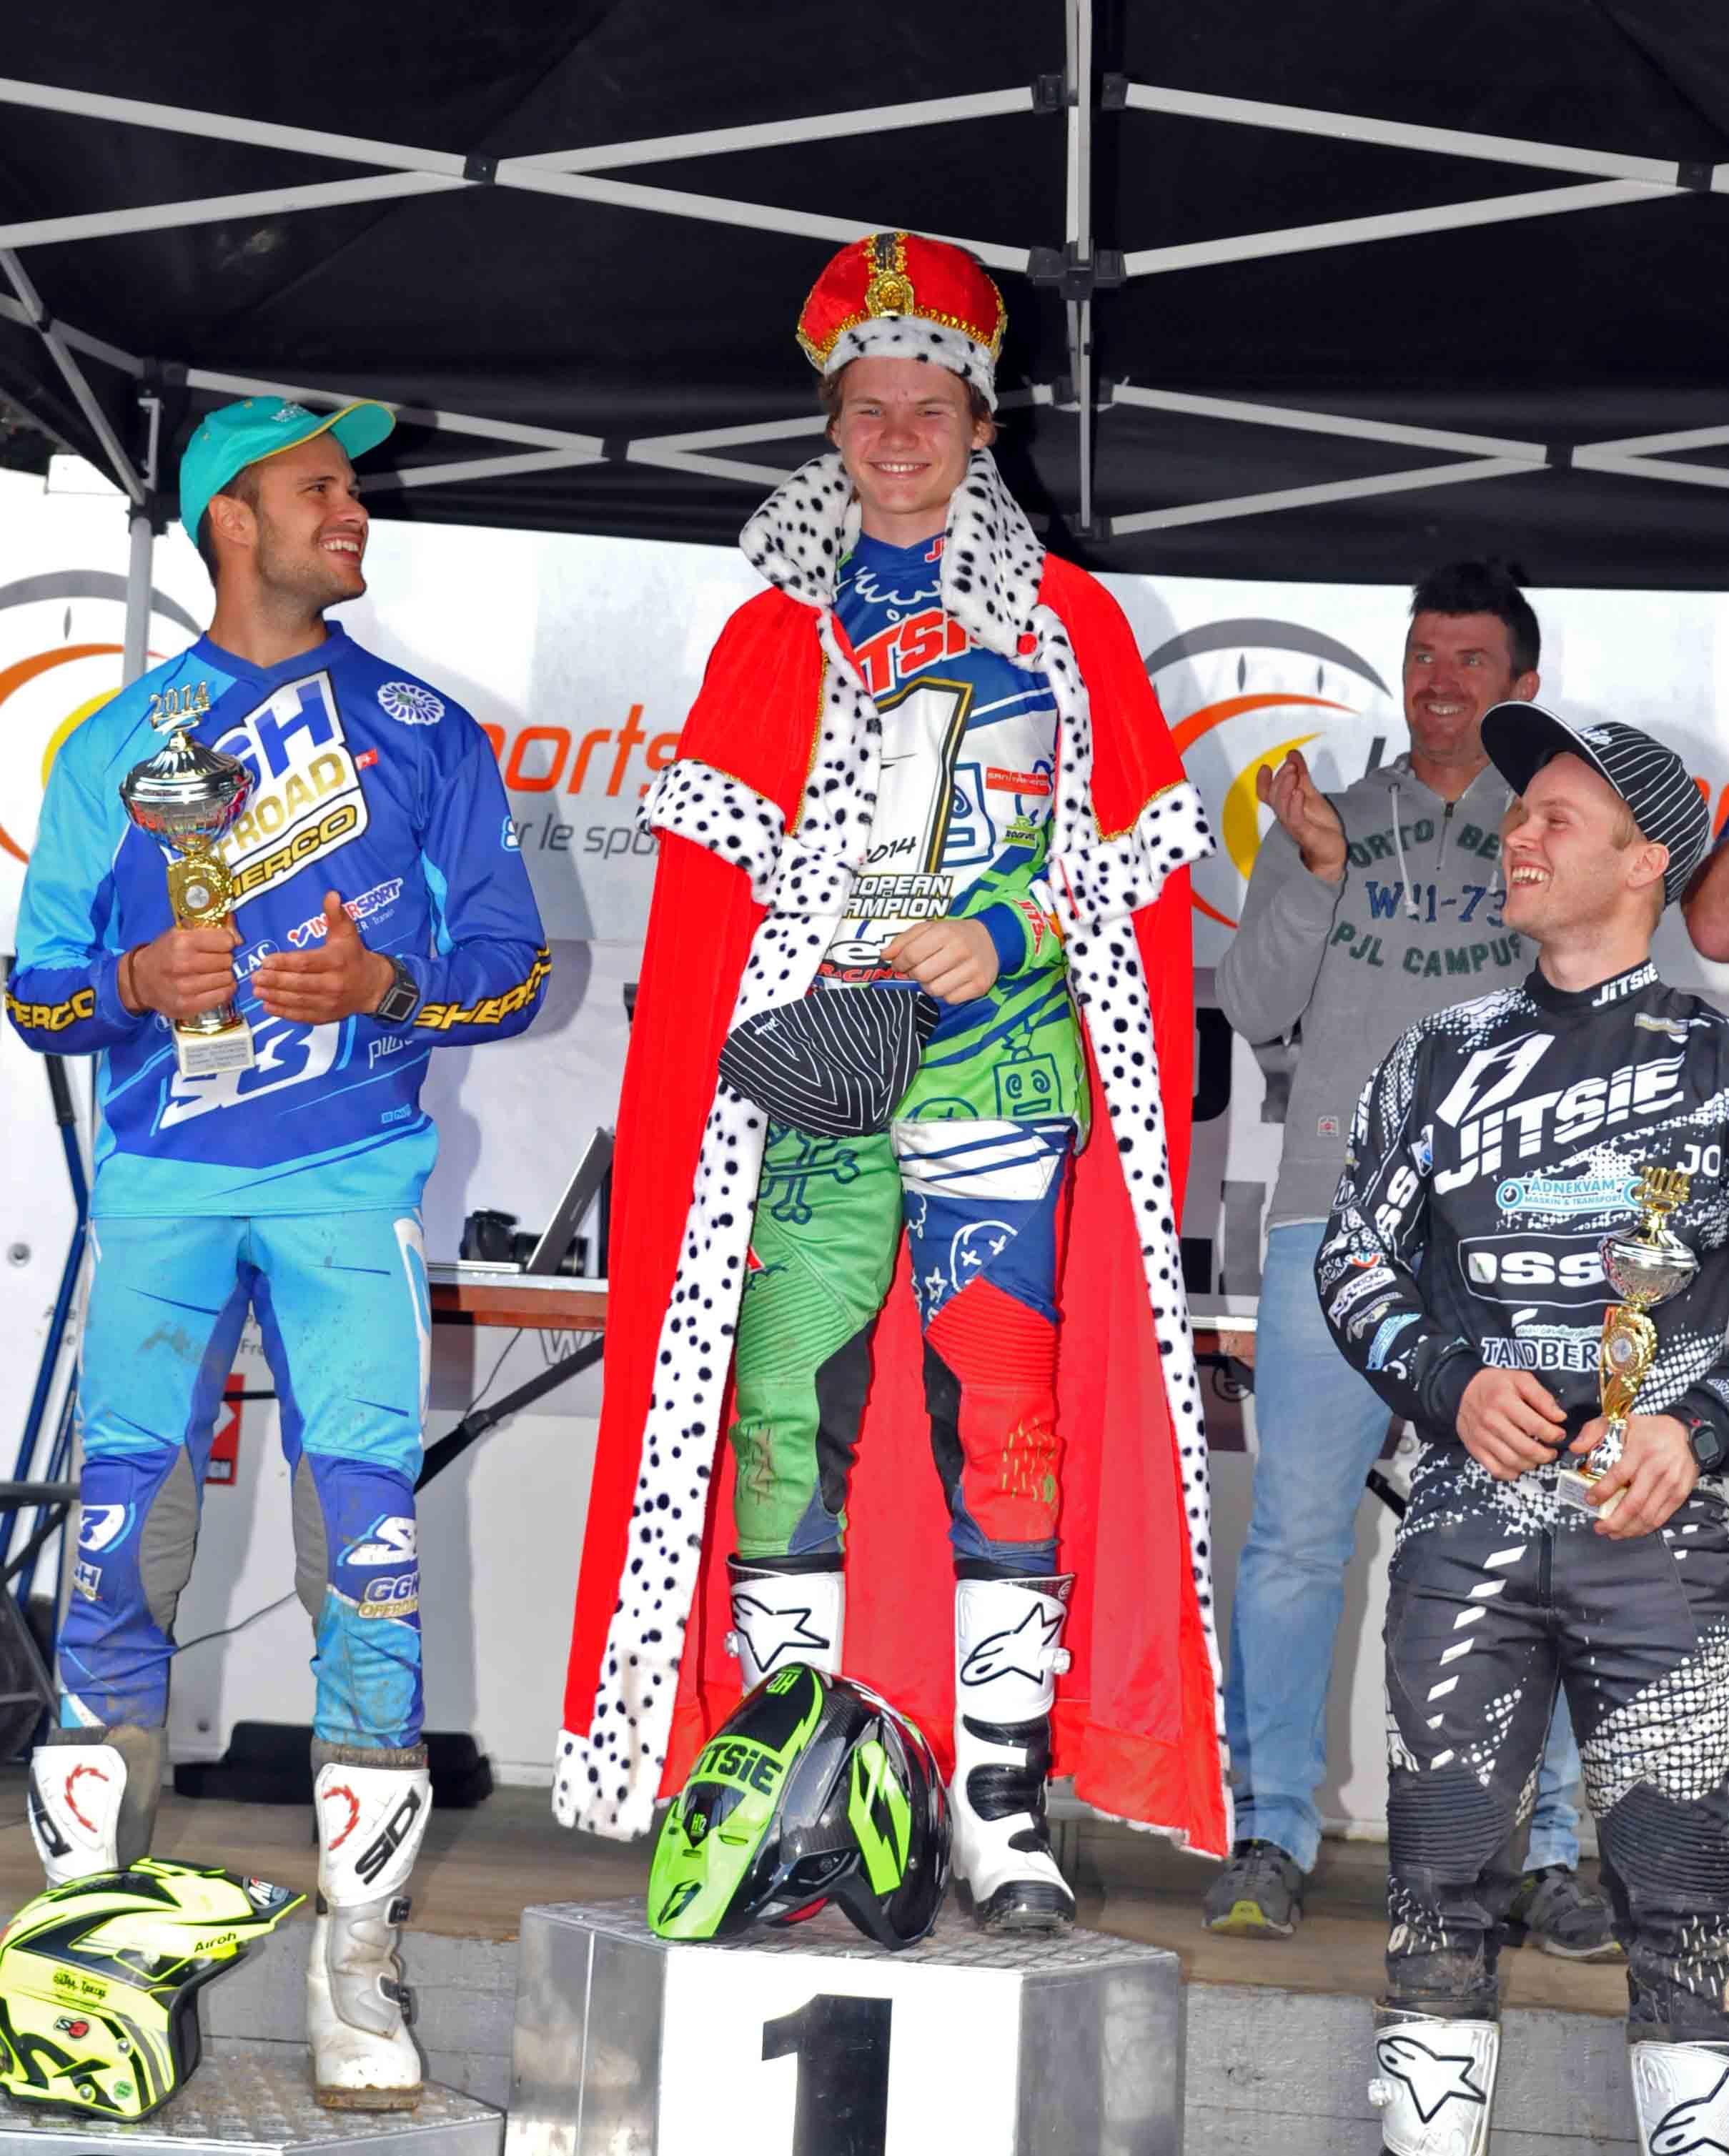 En glad Håkon på tredjeplass- og syns det var helt konge å vinne !